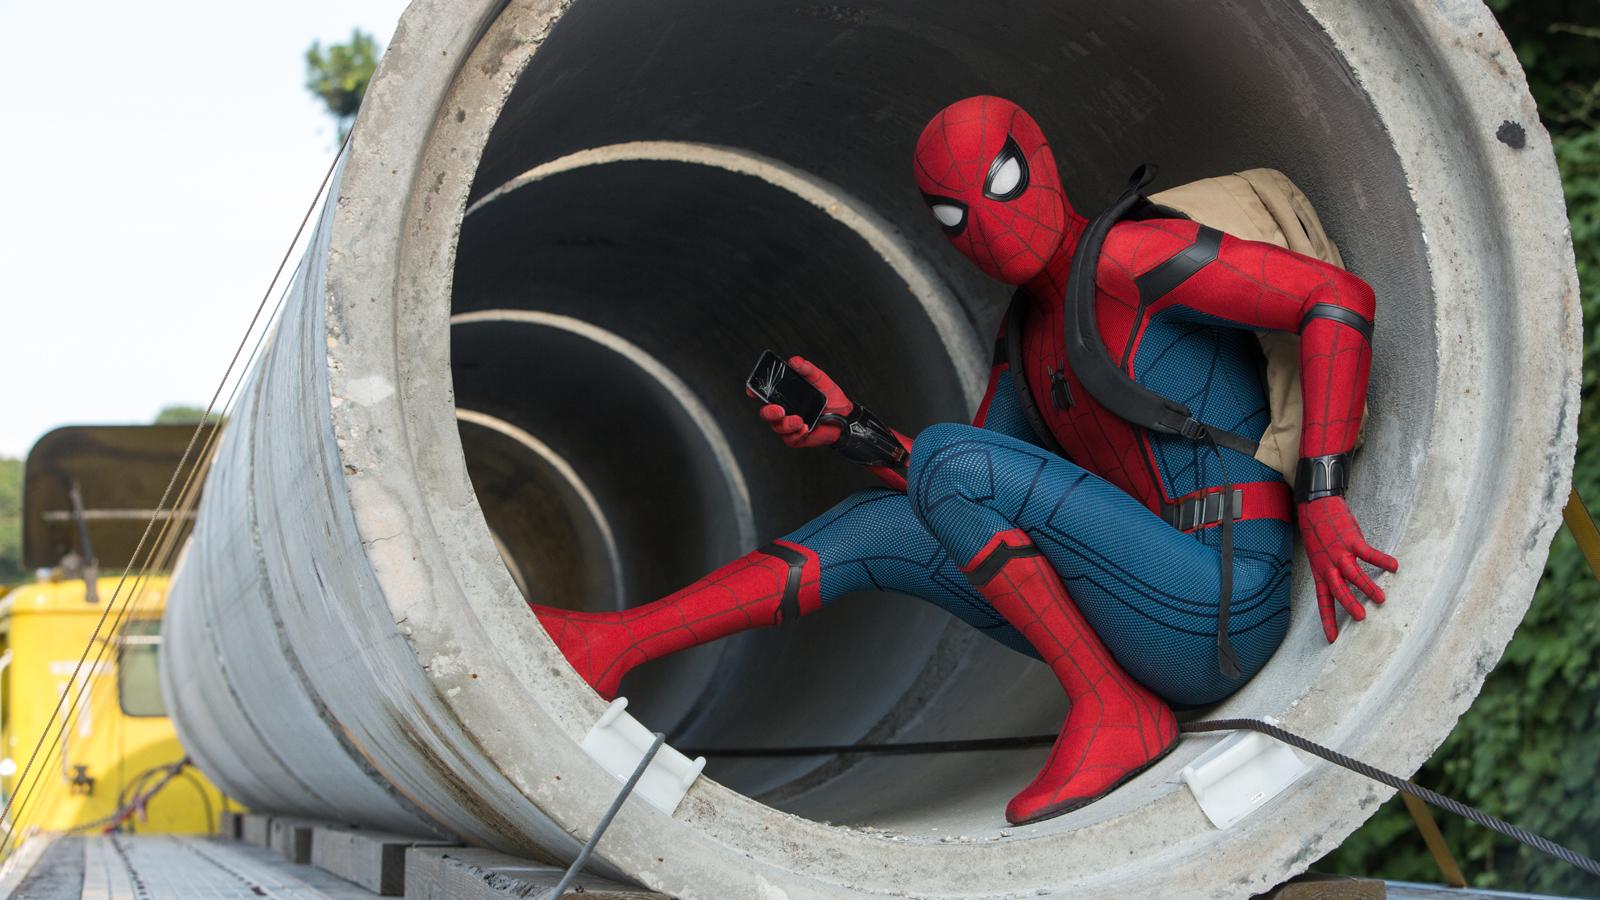 Spider-Man-Kostüm von Tom Holland wird versteigert